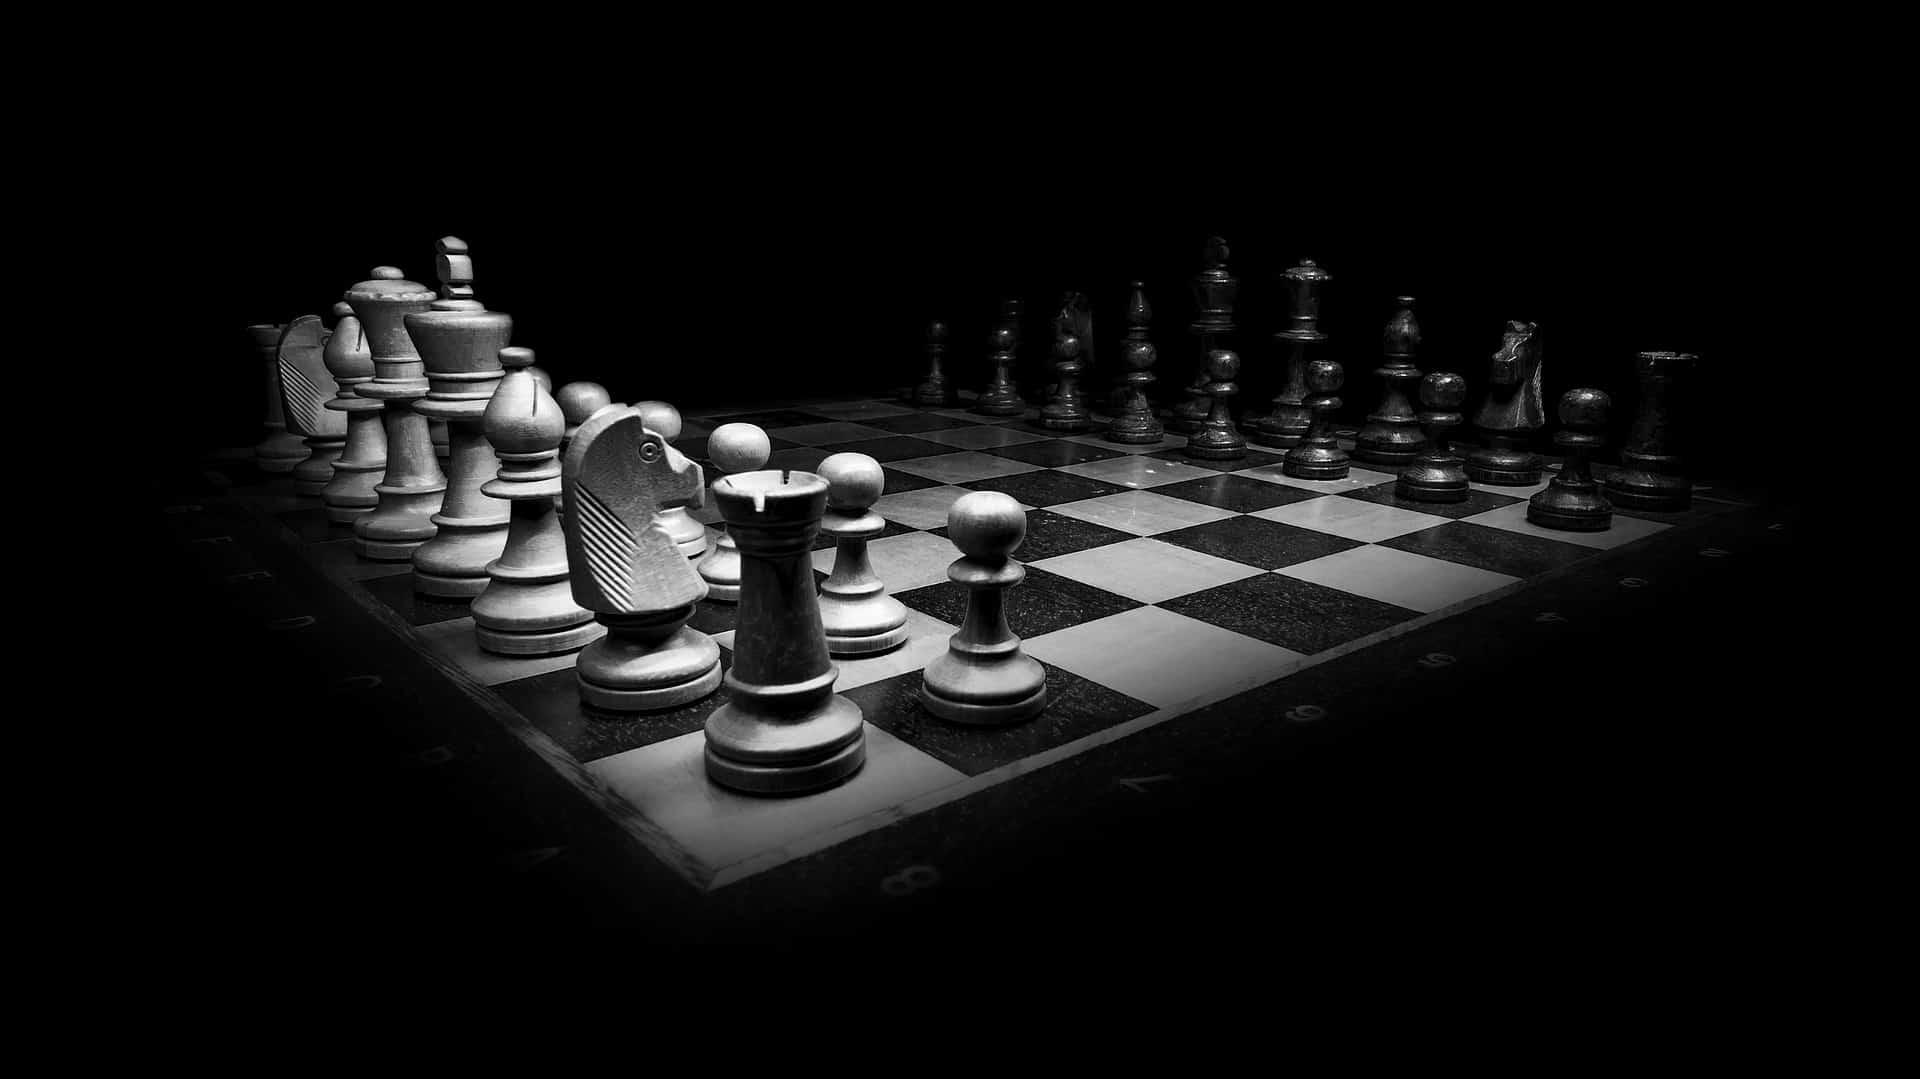 Schachcomputer: Test & Empfehlungen (05/21)